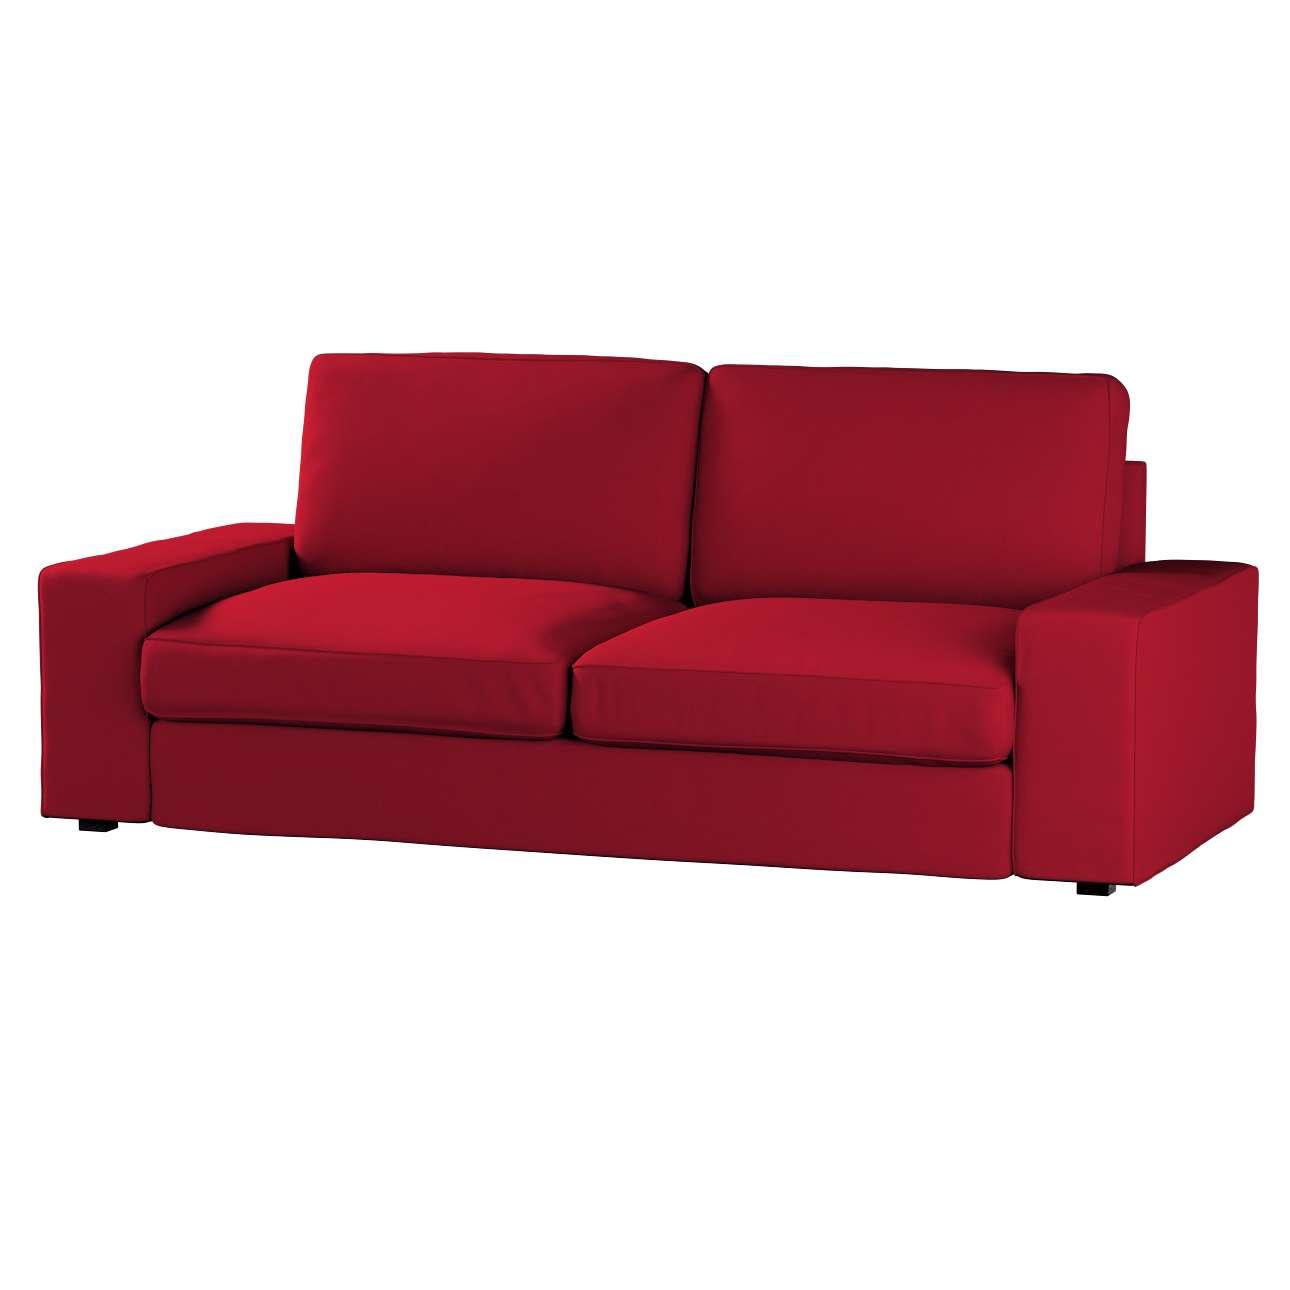 Pokrowiec na sofę Kivik 3-osobową, nierozkładaną Sofa Kivik 3-osobowa nierozkładana w kolekcji Etna , tkanina: 705-60